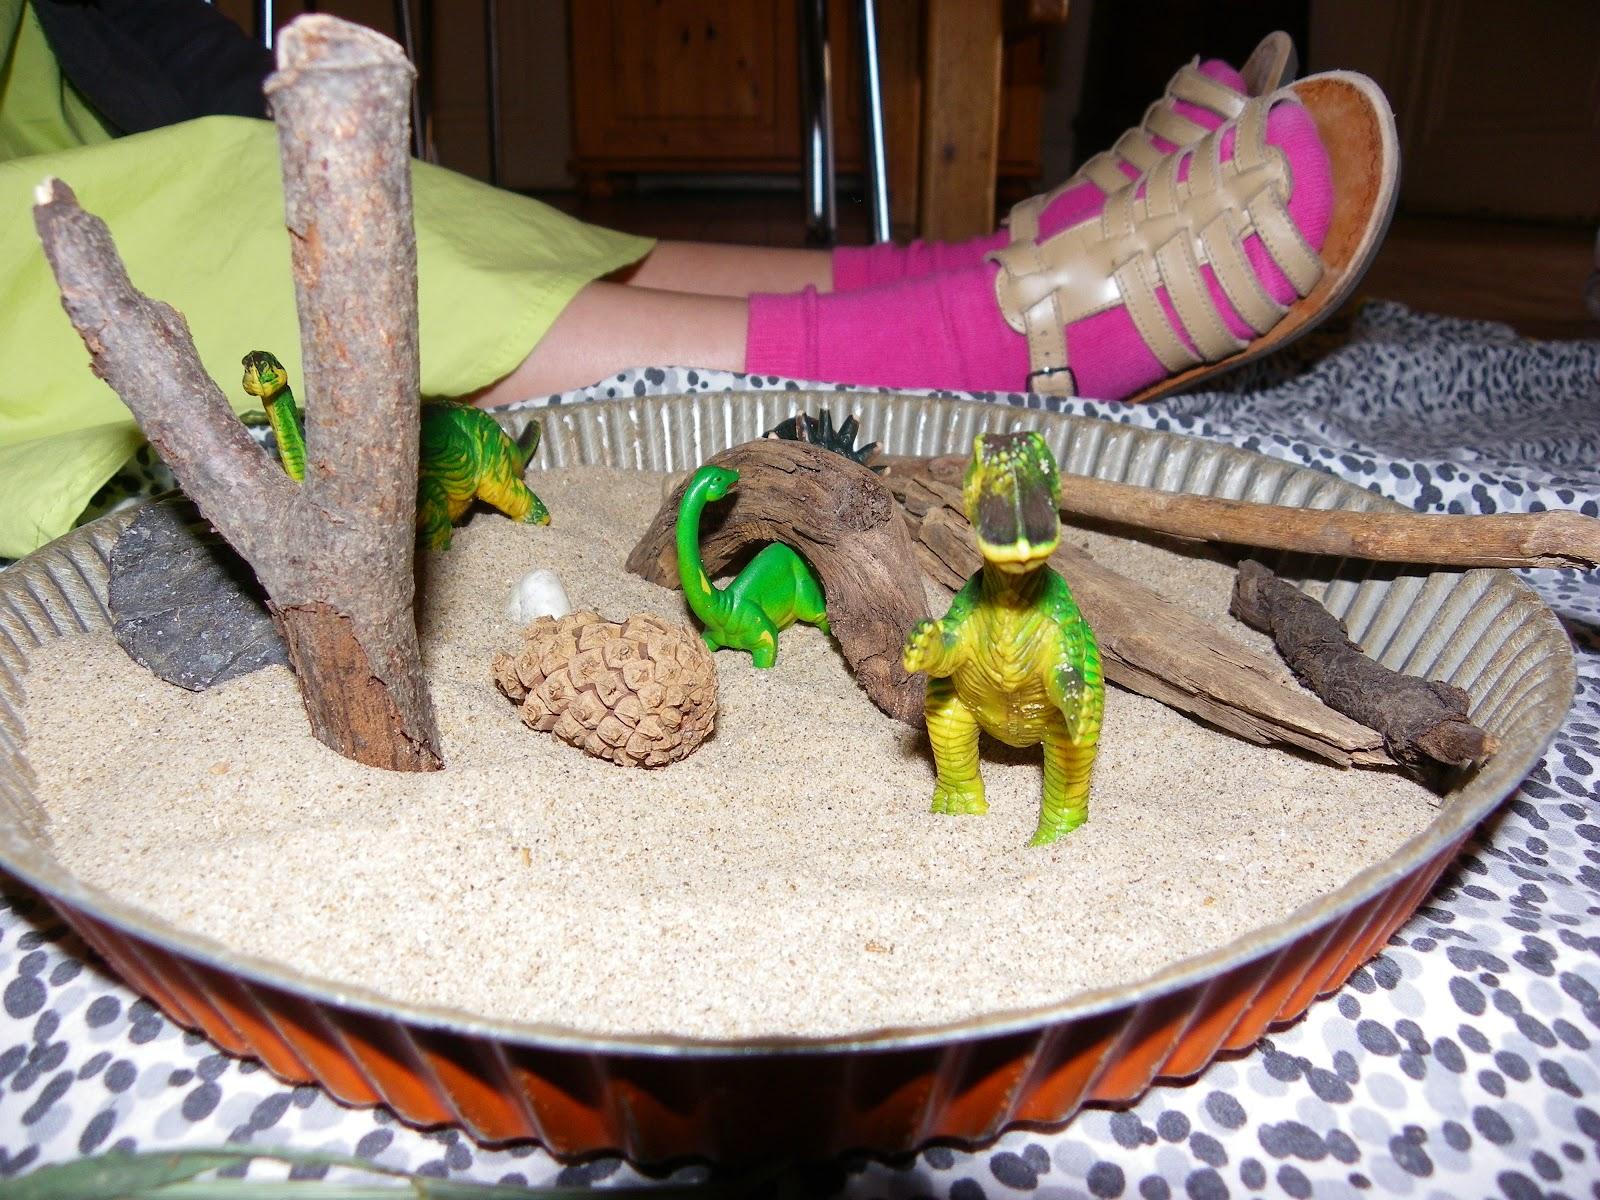 nounous taties et cie le blog jurassic park version jardin zen ou plut t jardin zen fa on. Black Bedroom Furniture Sets. Home Design Ideas